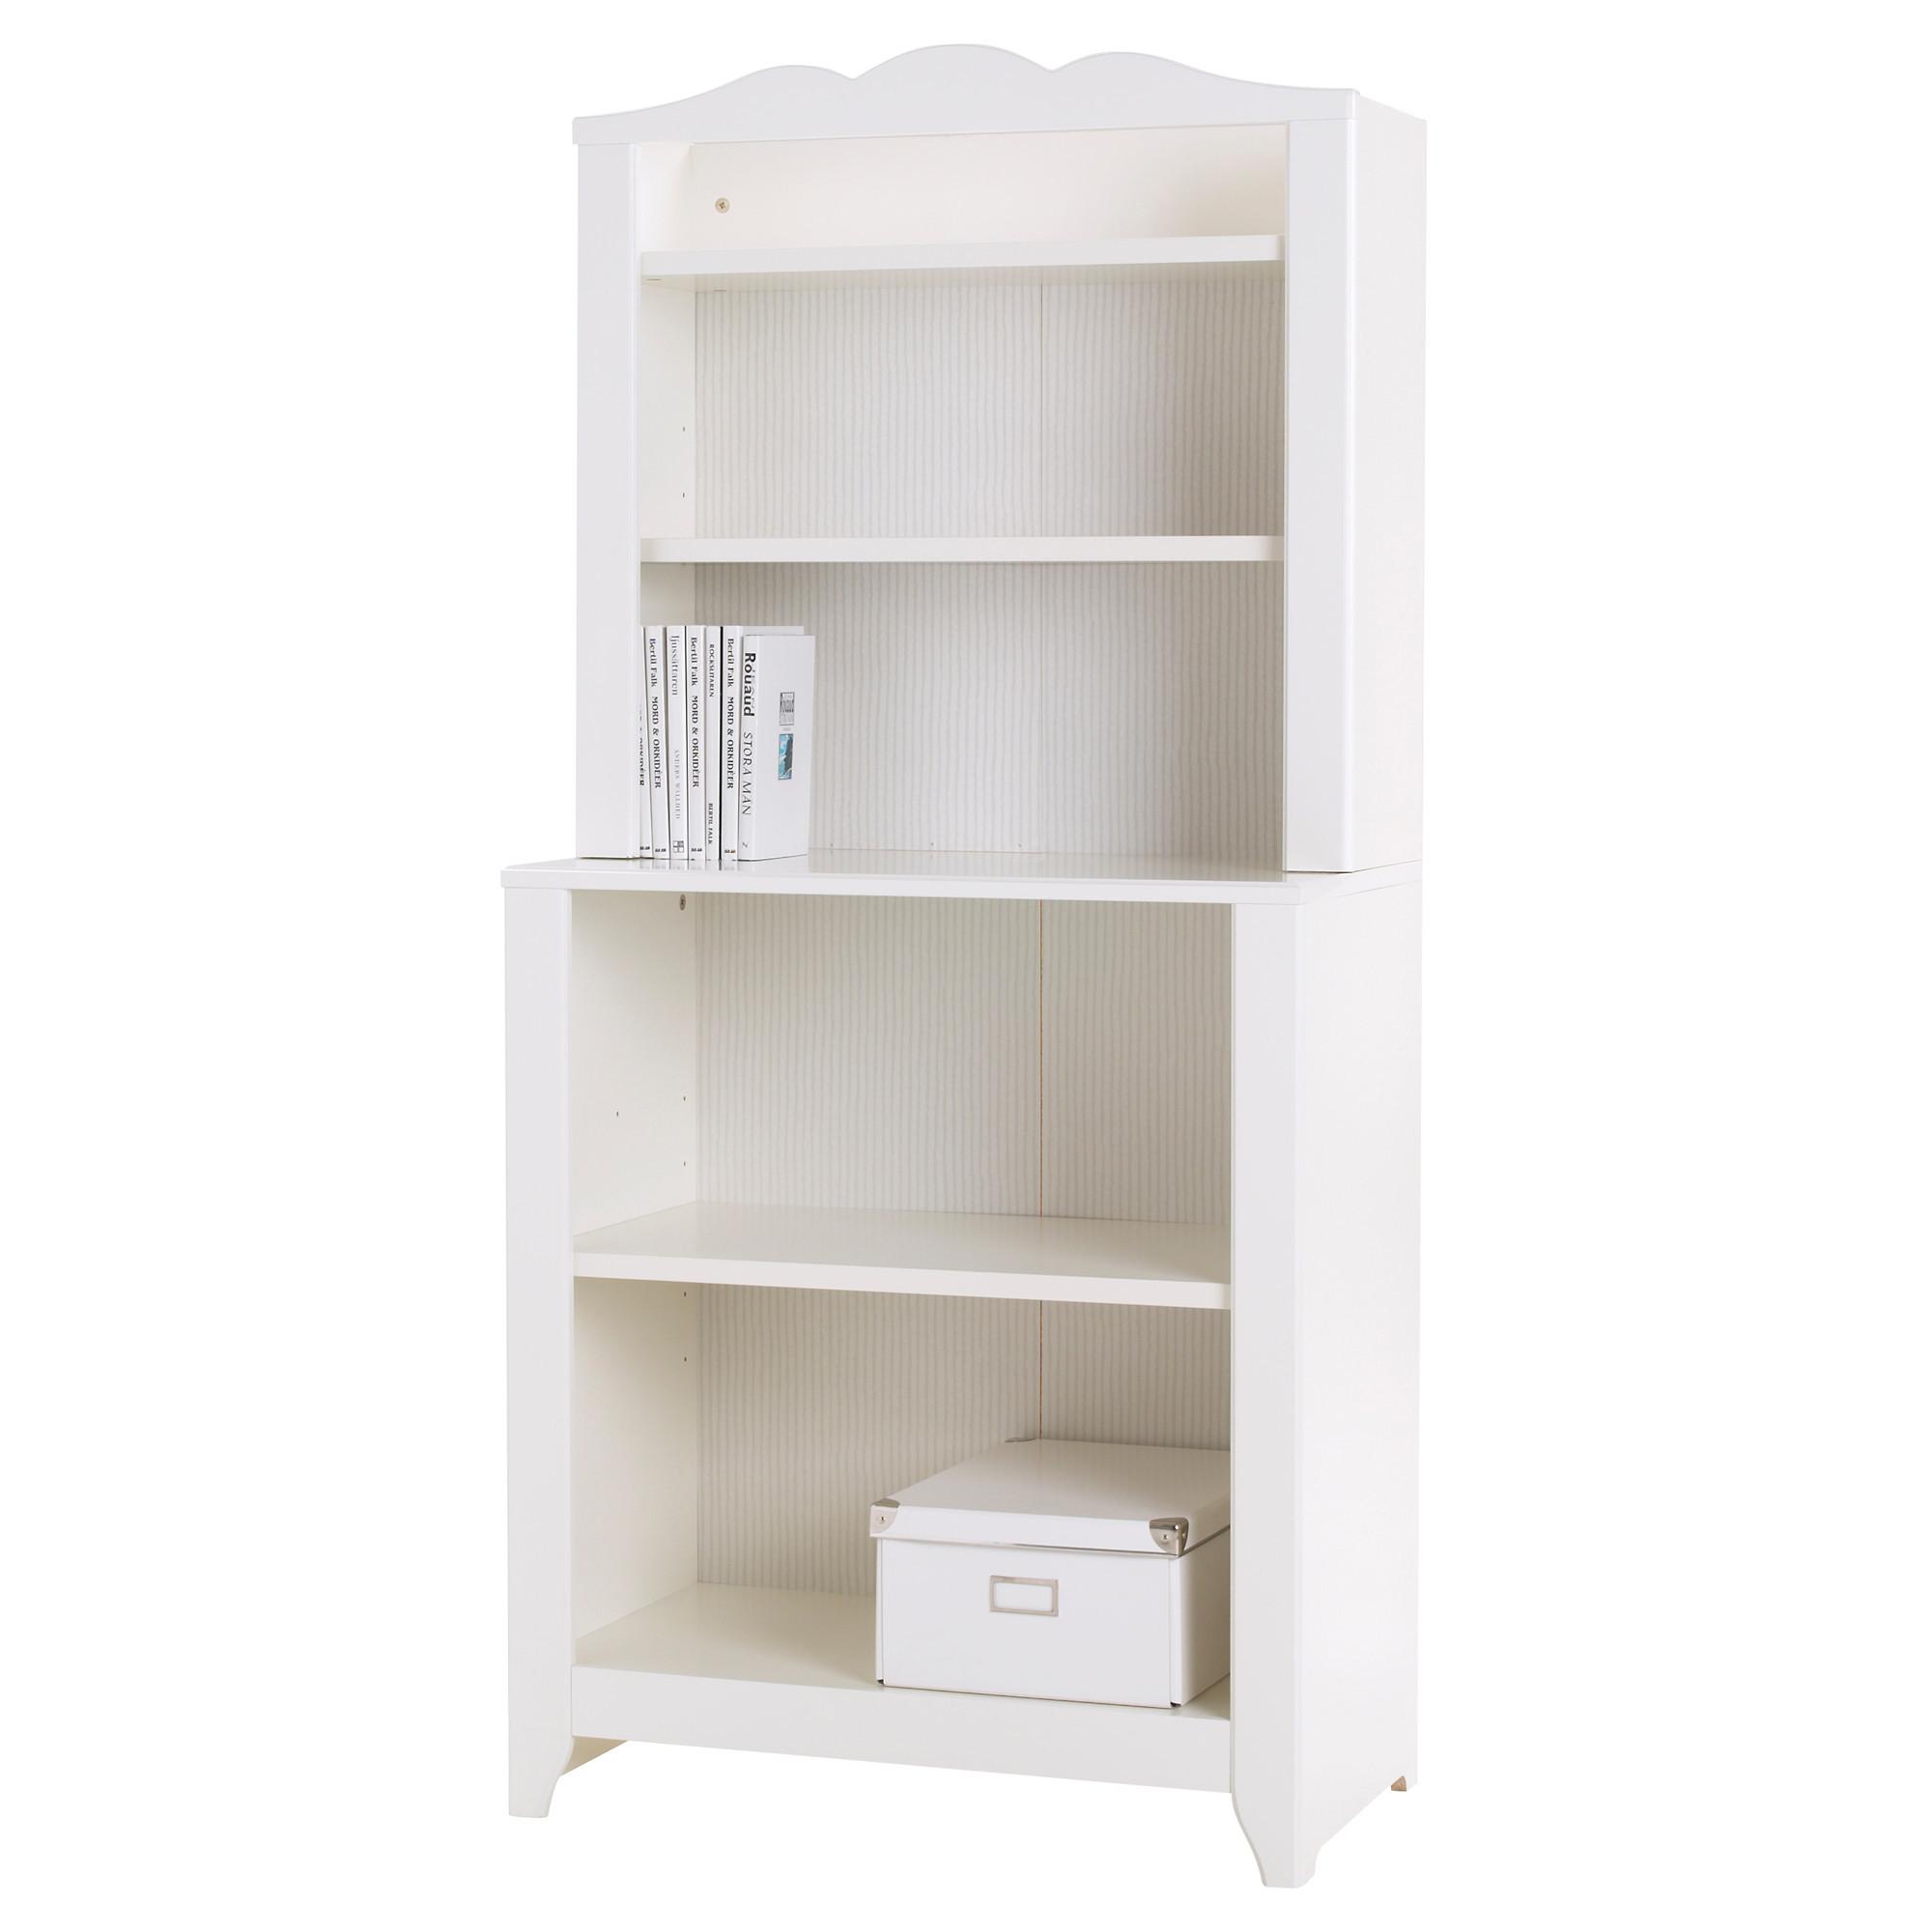 Libreria Da Parete Ikea mobile con scaffale hensvik ikea : recensioni